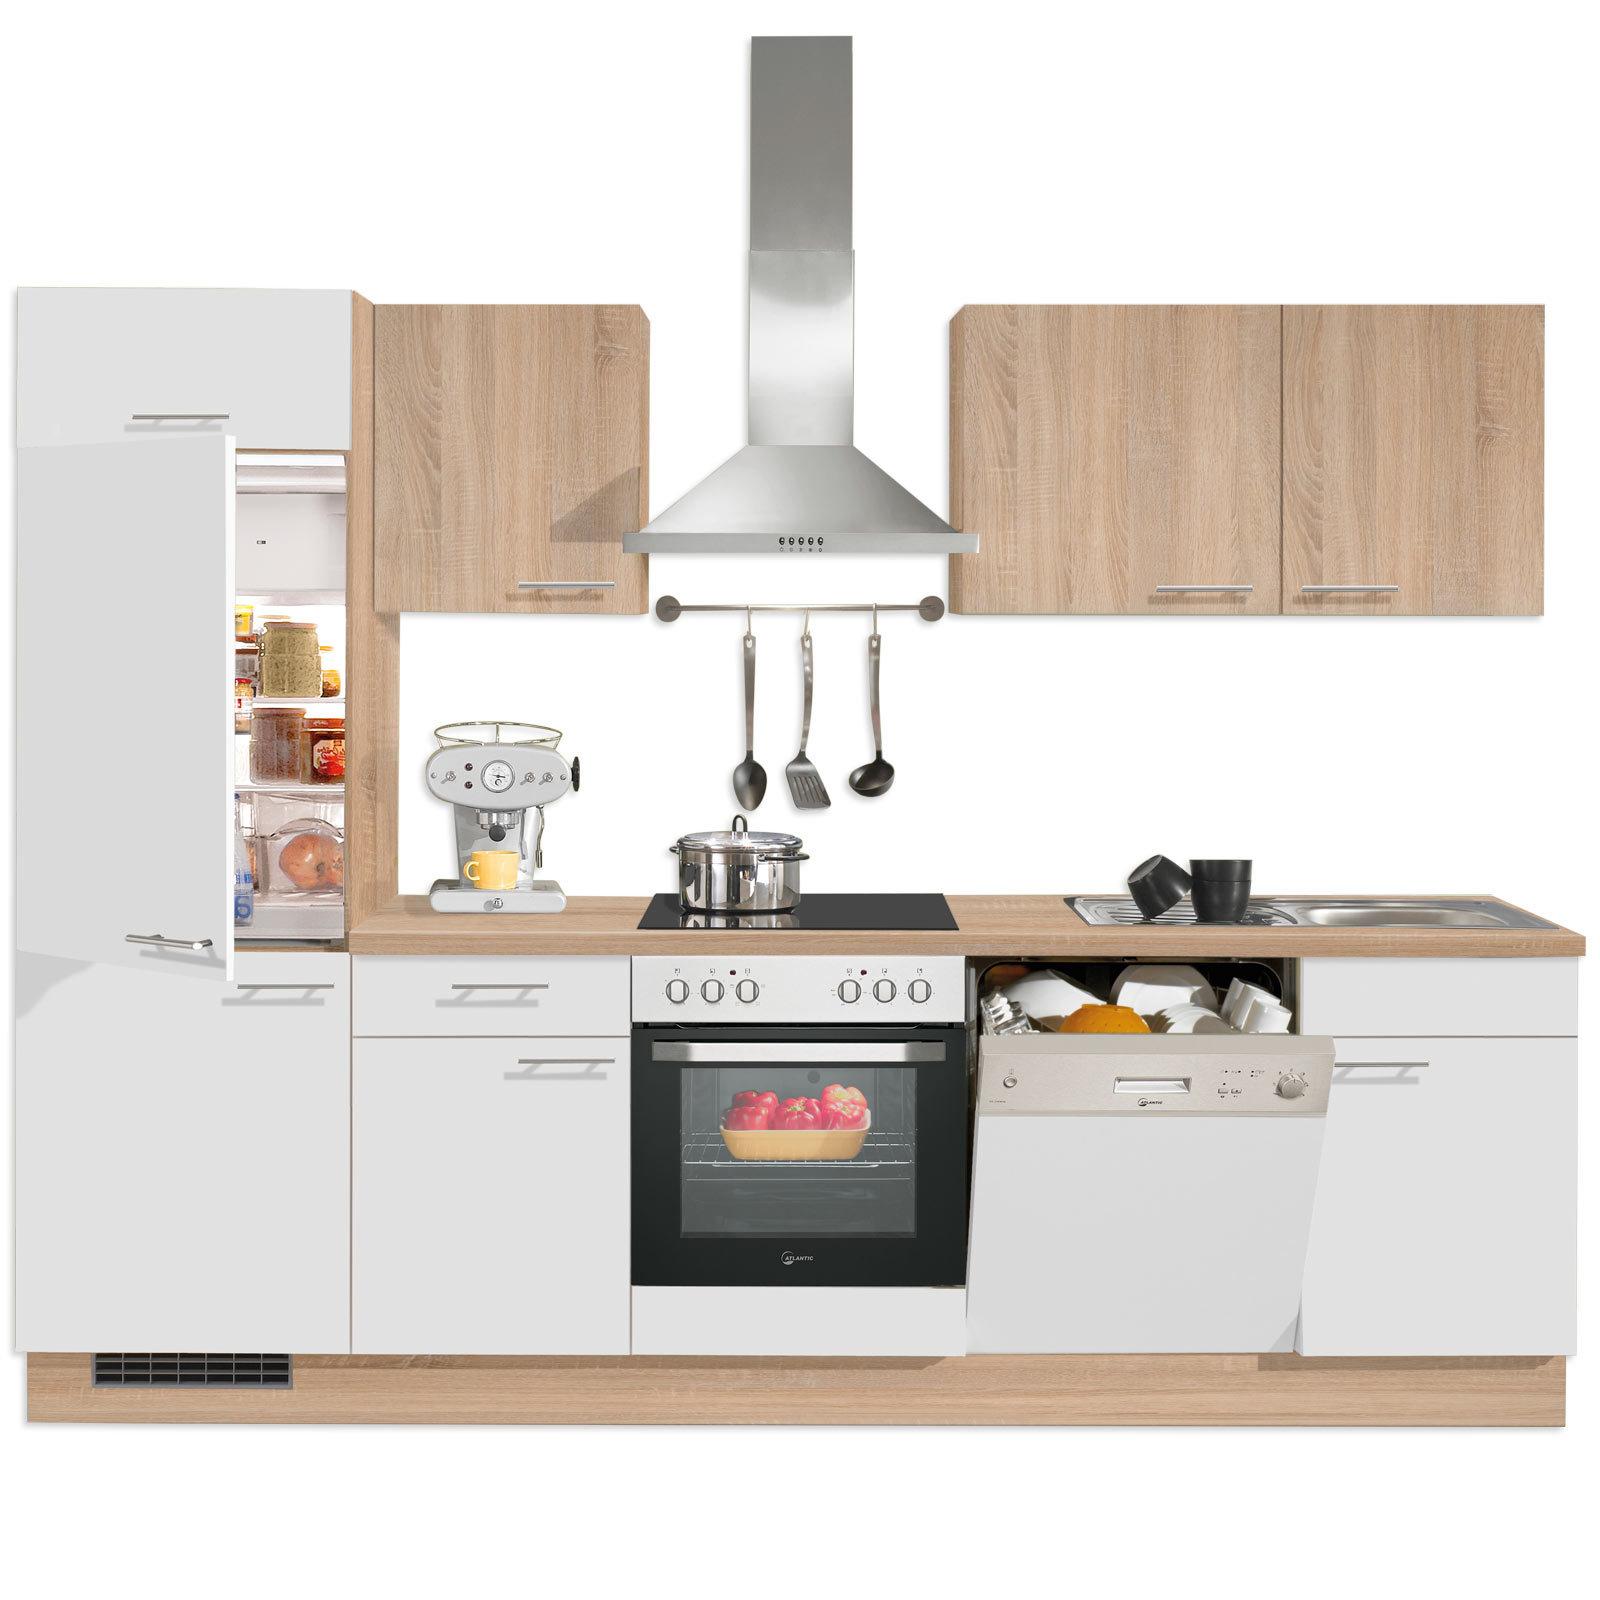 Full Size of Roller Küchen Kche Gnstig Mit E Gerten Kchenschrnke Einzeln Amazon Regal Regale Wohnzimmer Roller Küchen